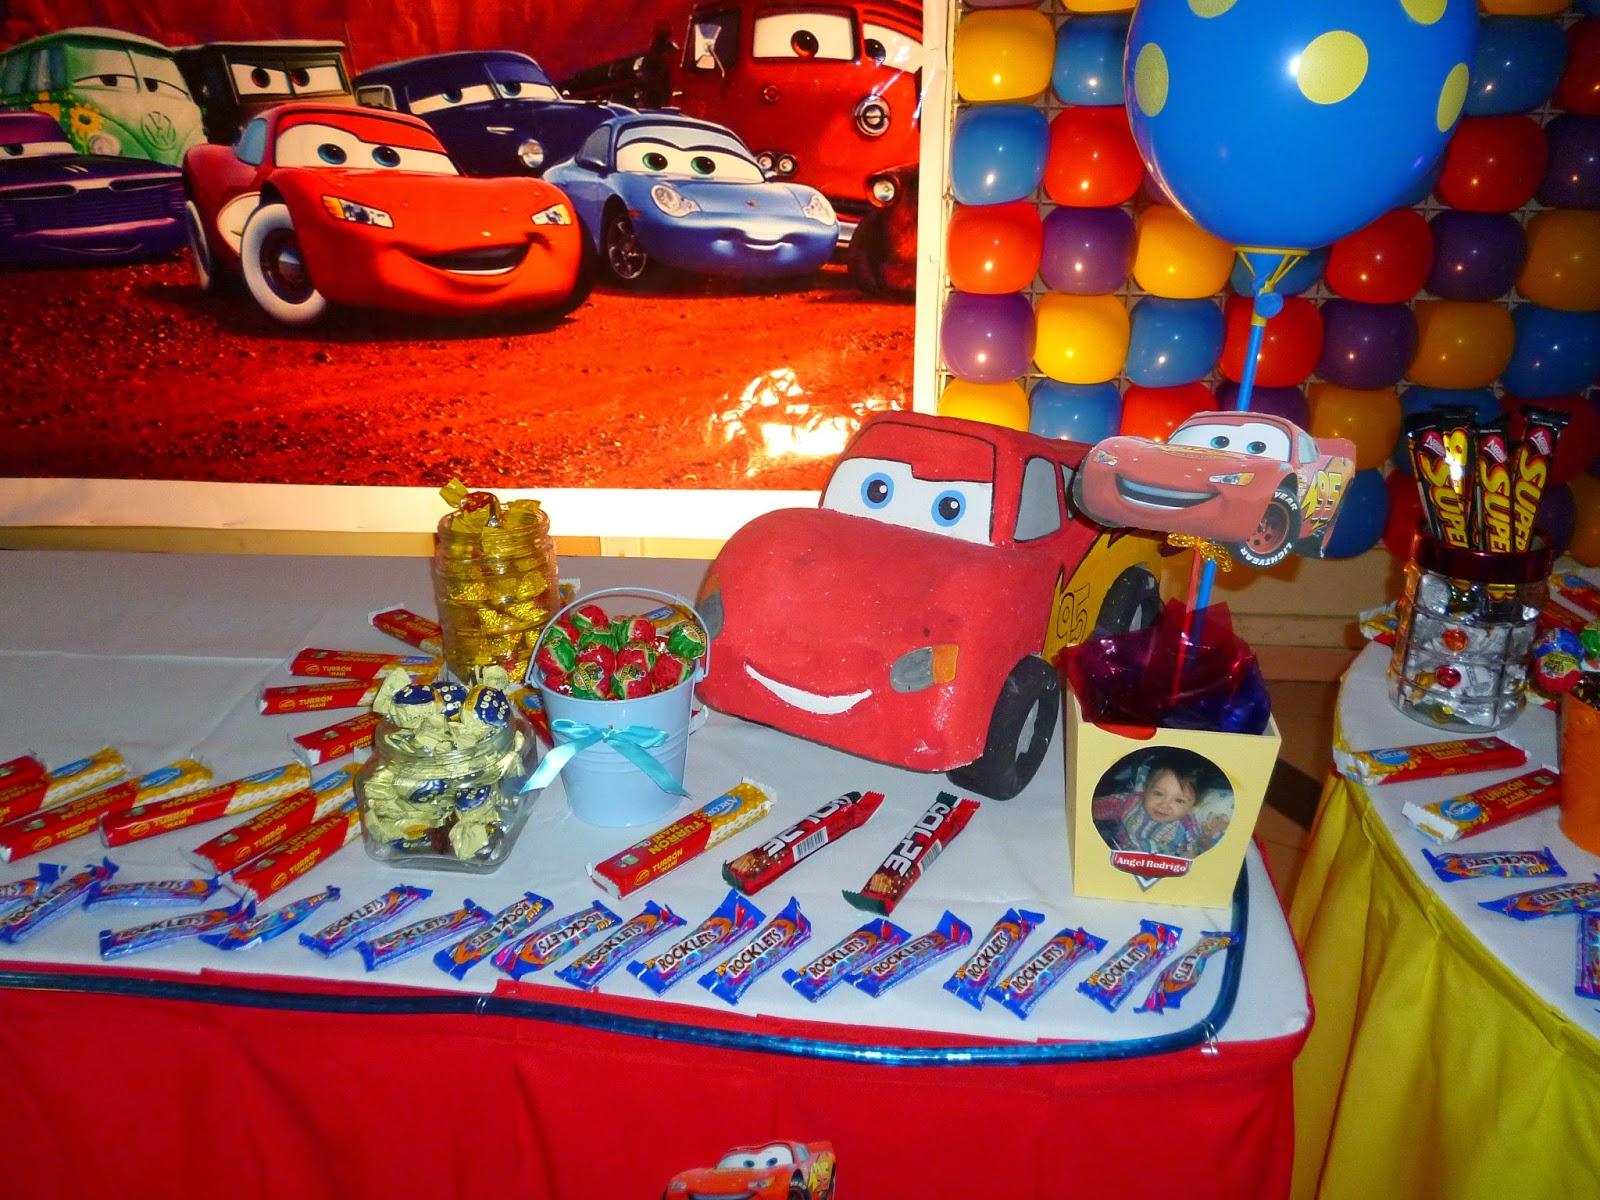 y ahora ahora echa un vistazo a algunas fotos de decoracin fiesta de cars realizado por ensueos